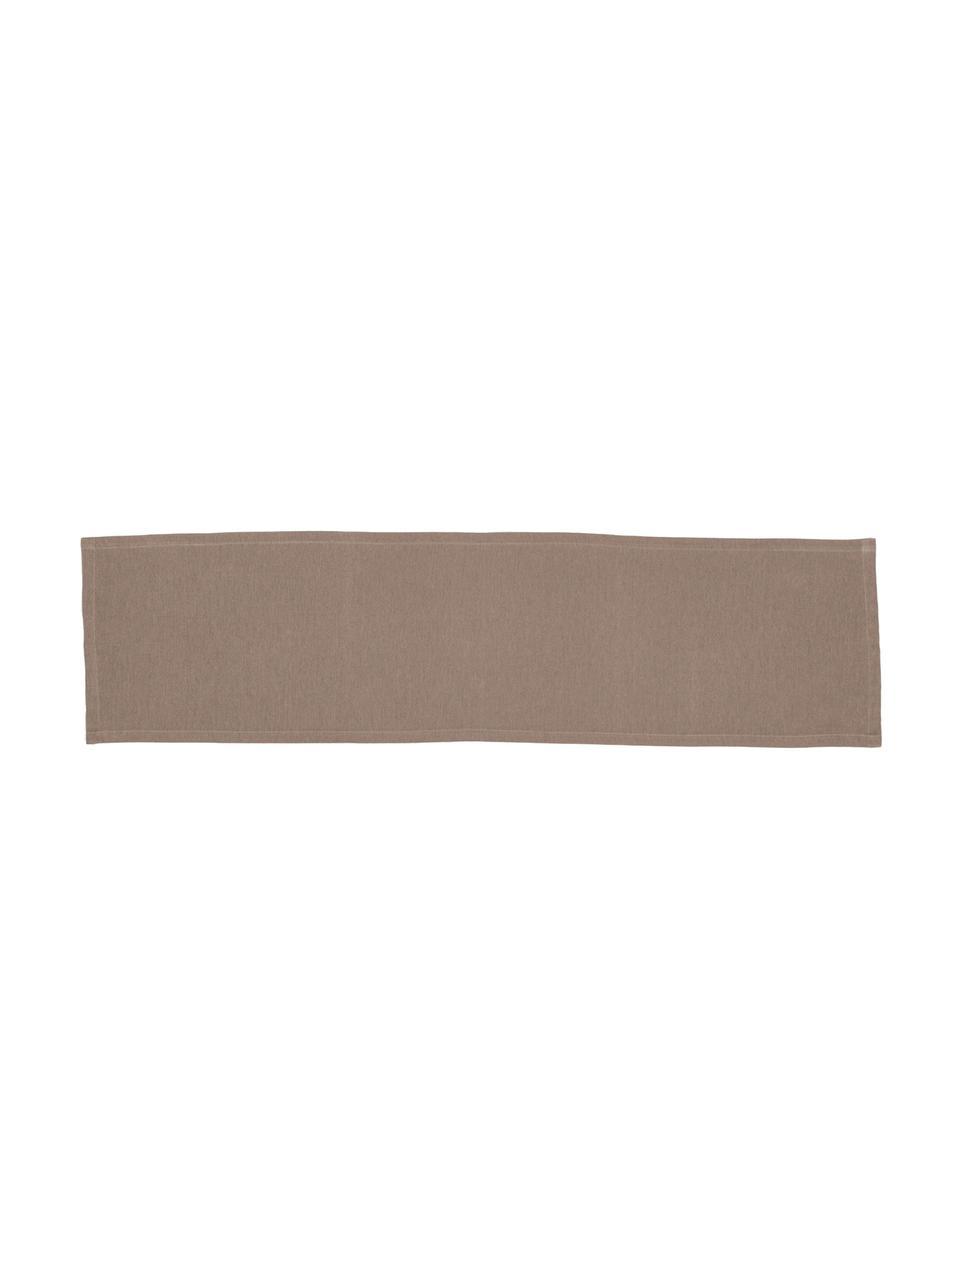 Runner in misto cotone marrone Riva, 55% cotone, 45% poliestere, Taupe, Larg. 40 x Lung. 150 cm